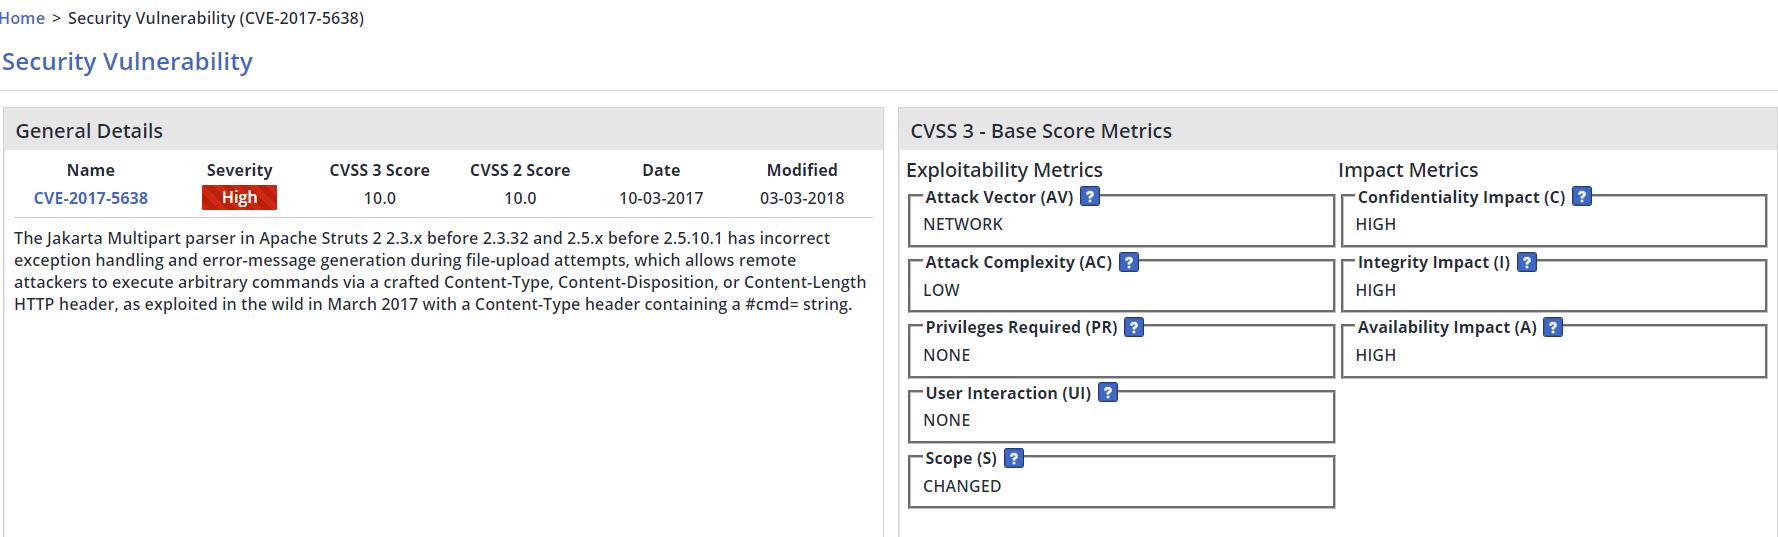 CVSS v3 metrics